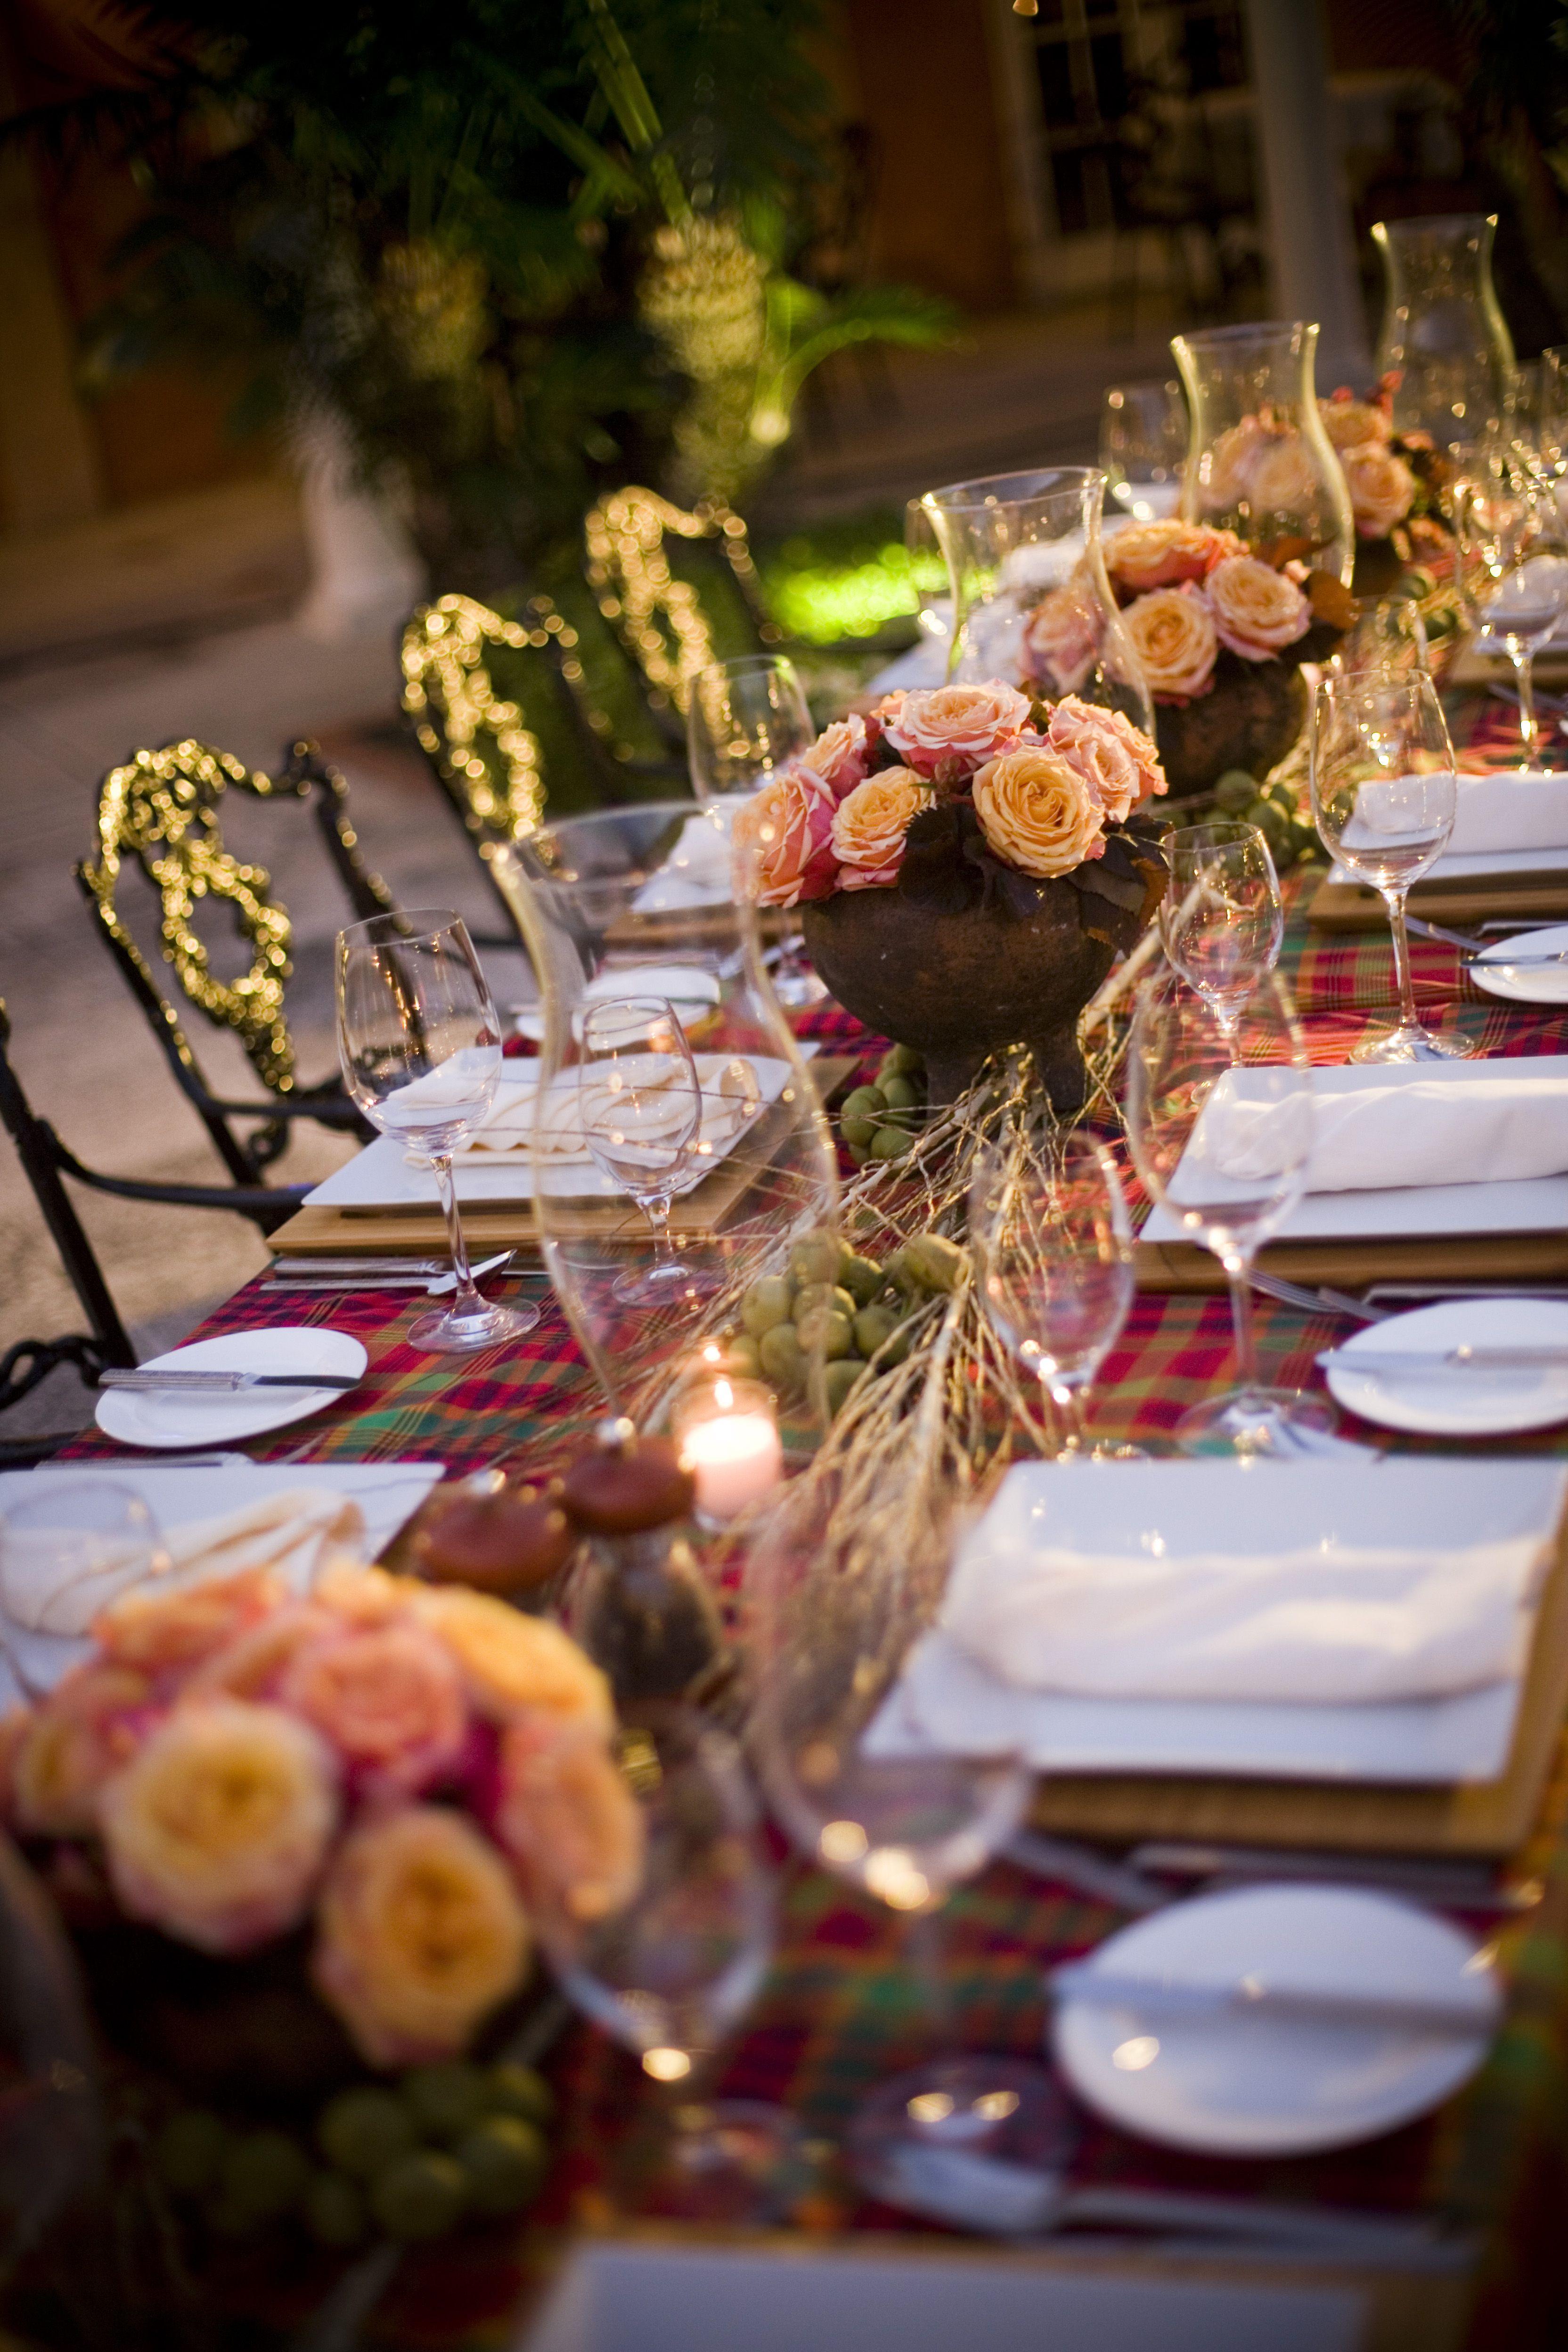 Destination Wedding Reception Set Up At Hilton Rose Hall In Montego